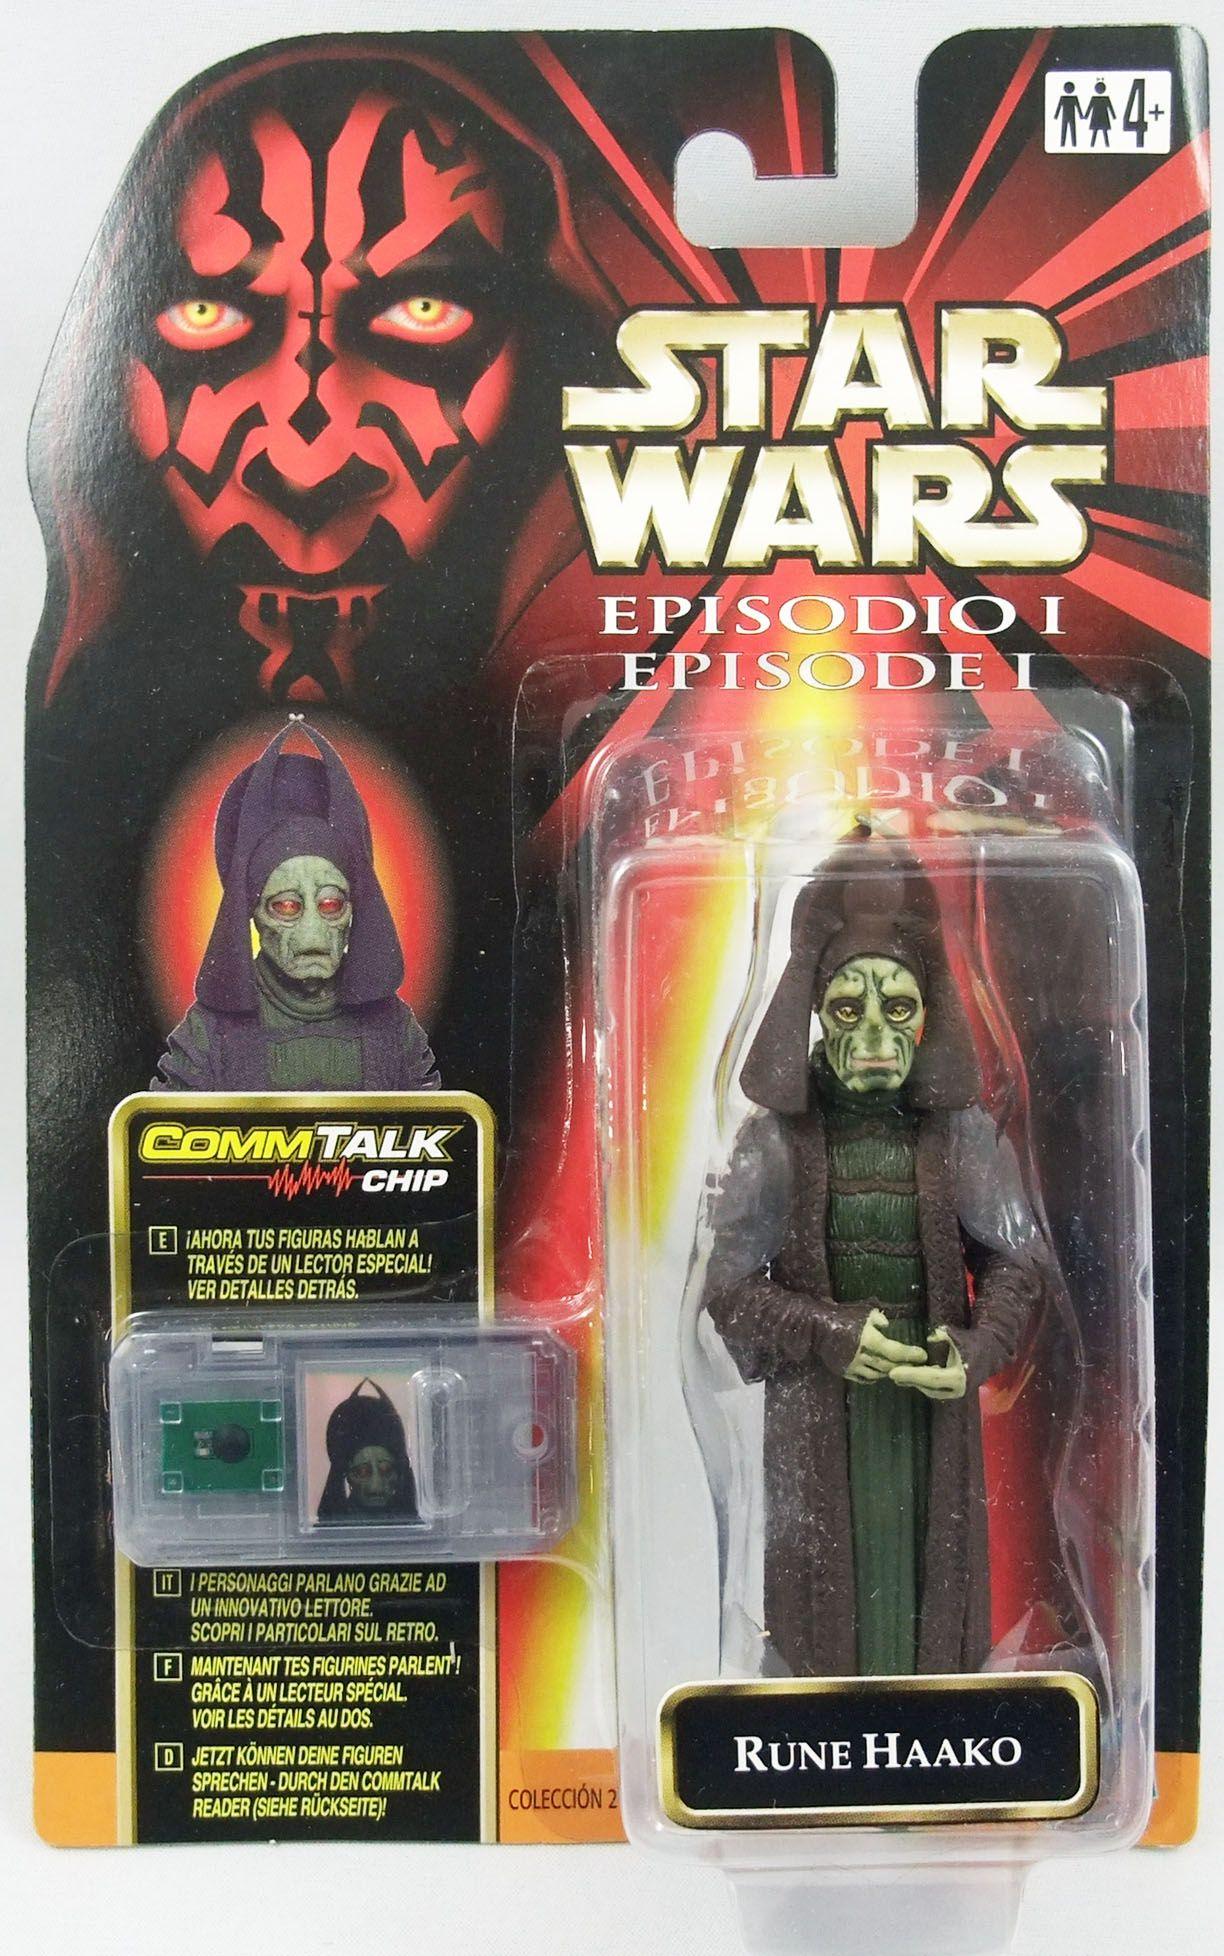 Star Wars Episode 1 (The Phantom Menace) - Hasbro - Rune Haako